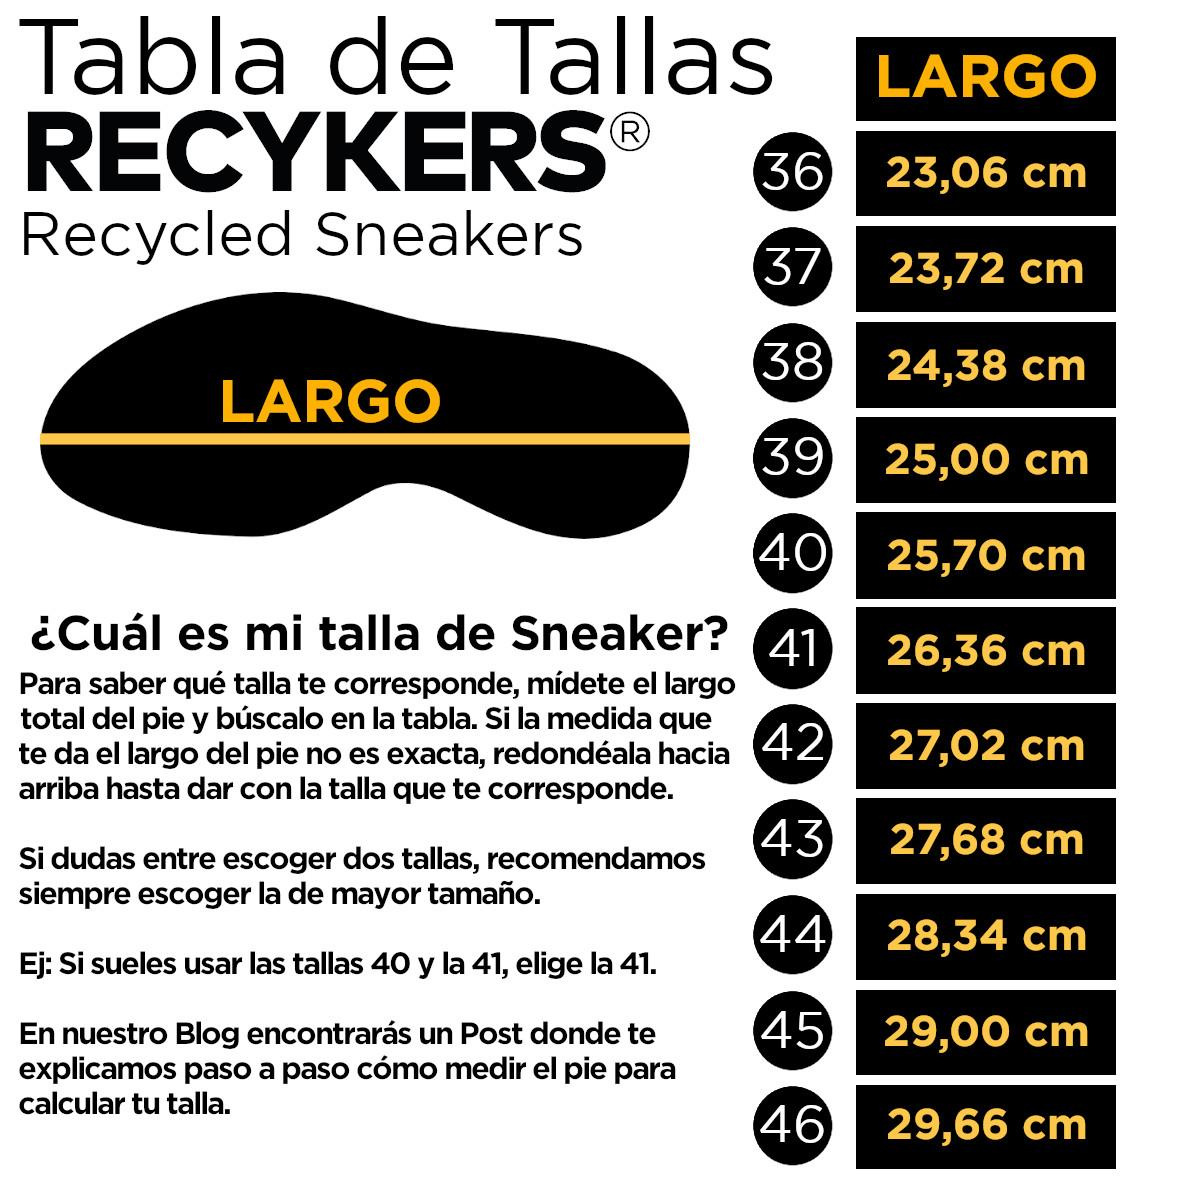 tabla de tallas recyled sneakers_1.jpg